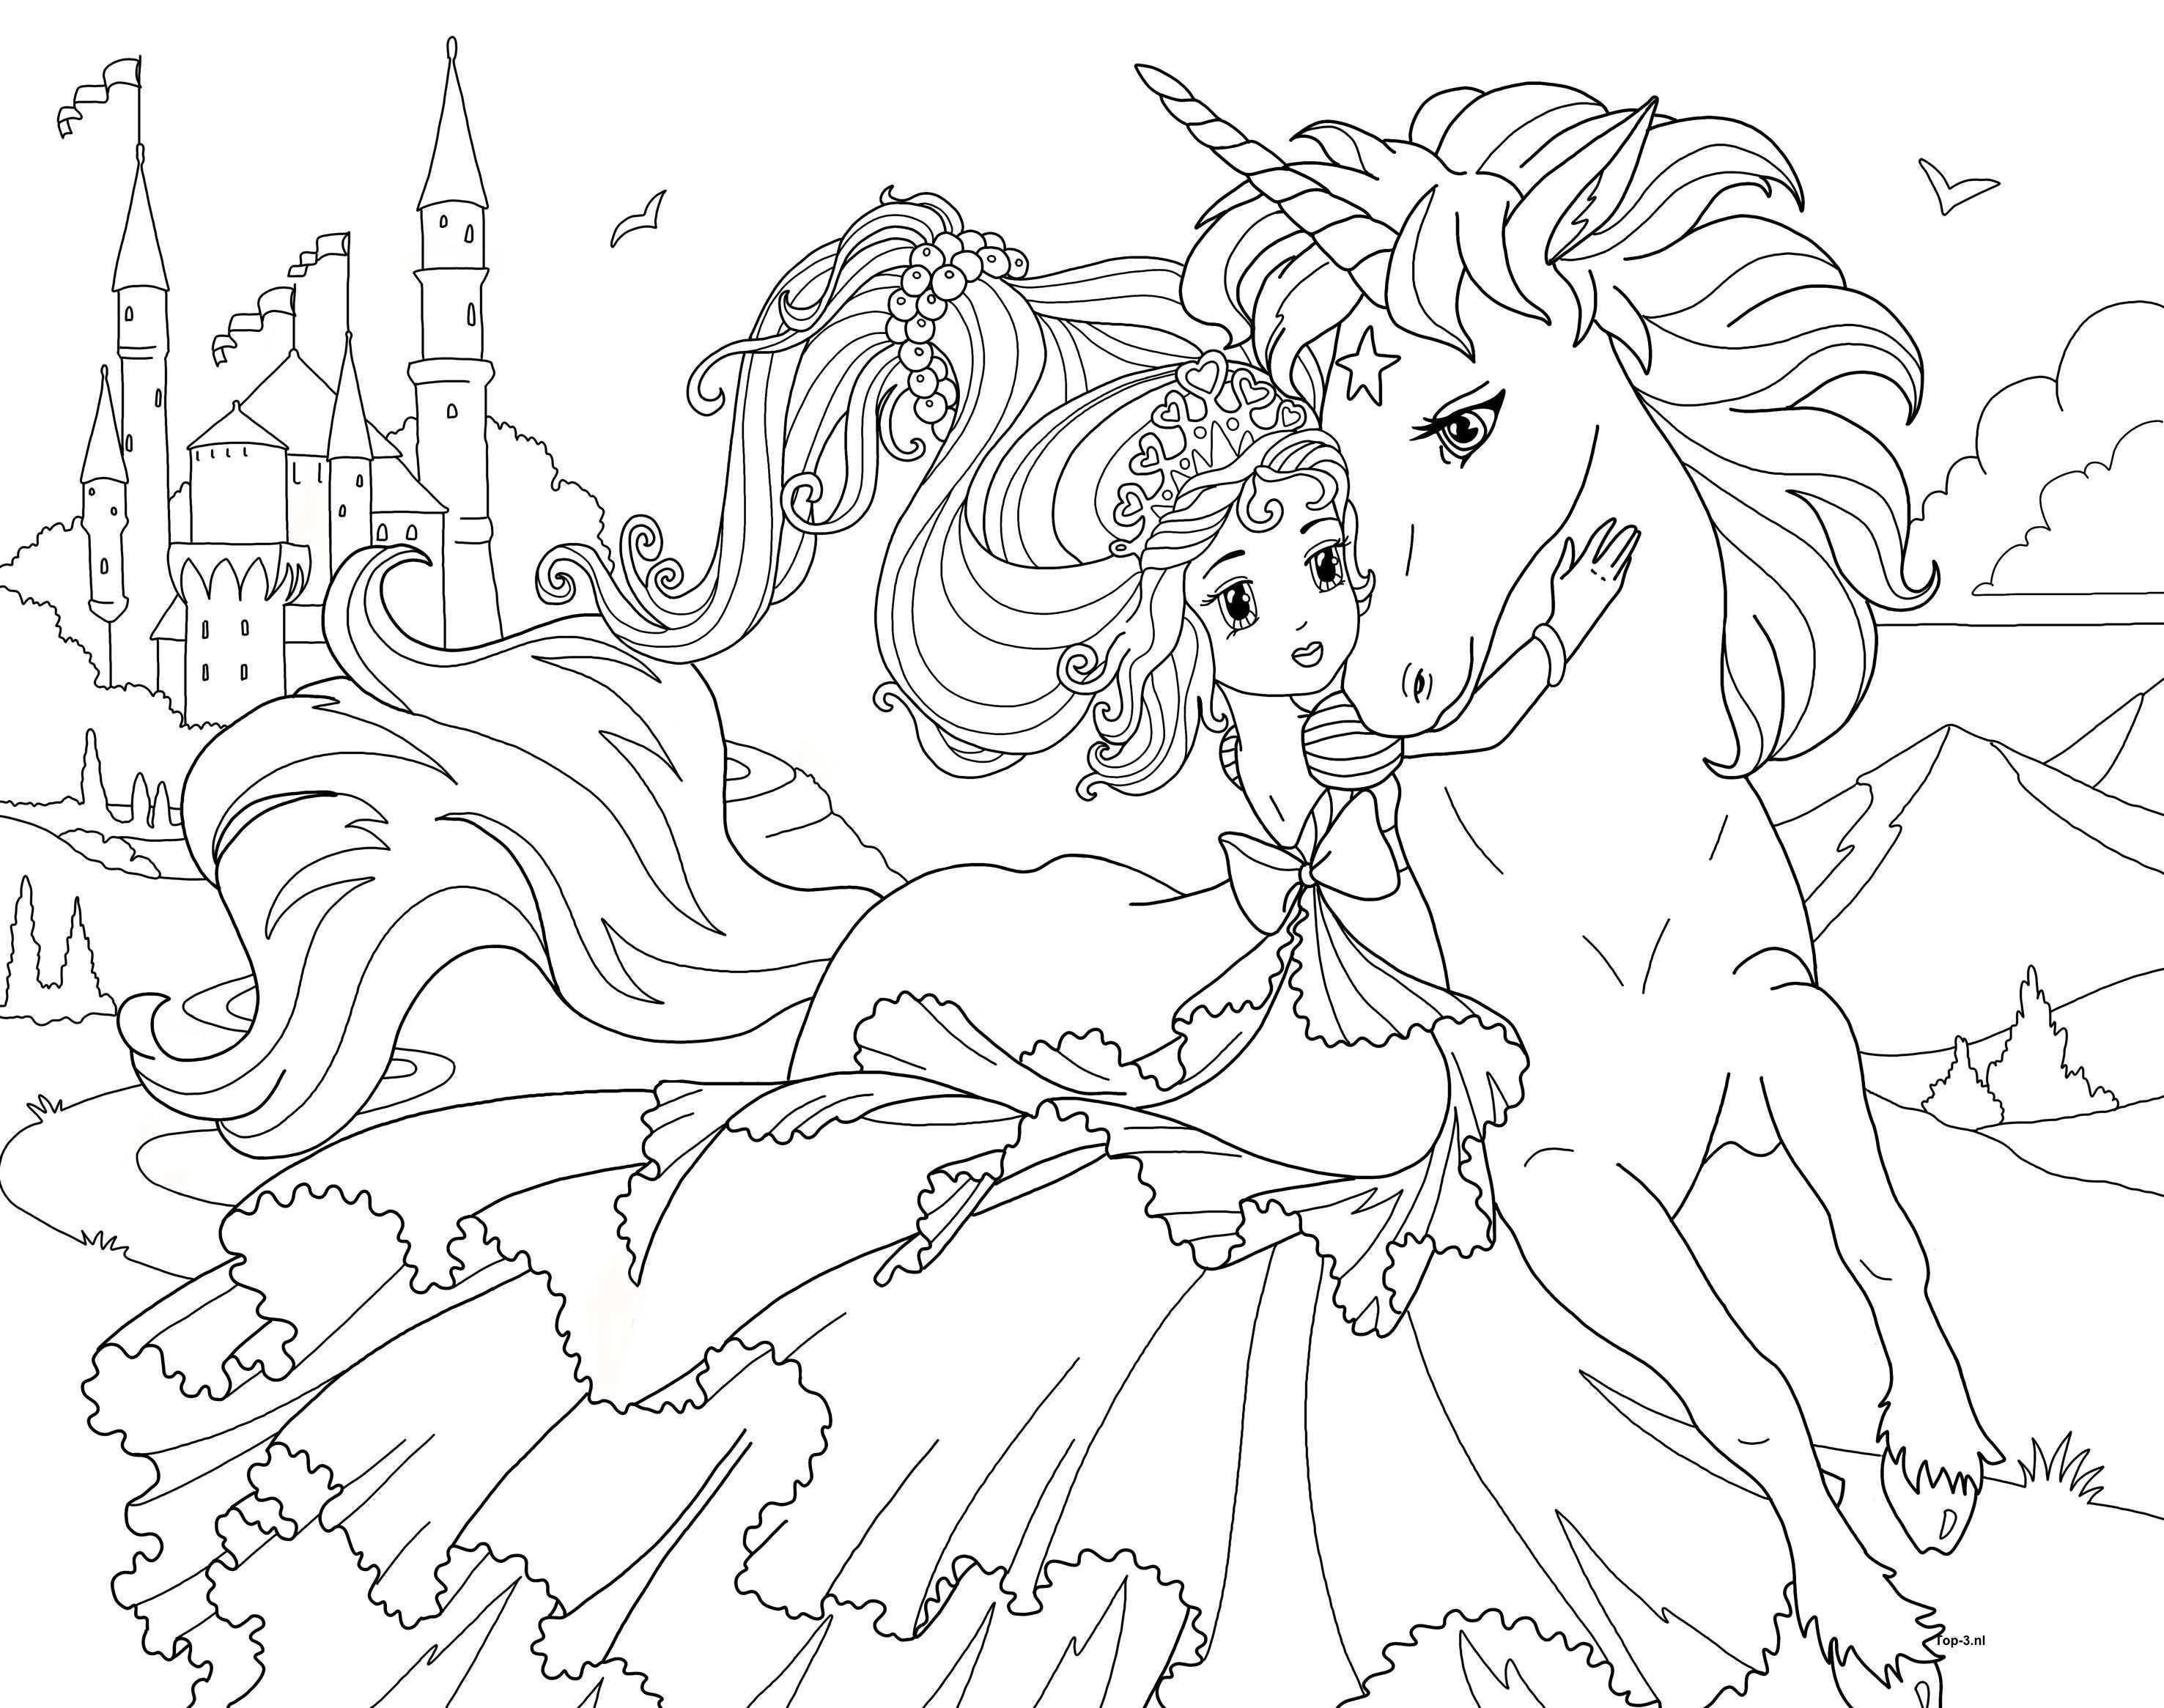 Kleurplaten Prinses Sprookjes Zeemeermin Op Top 3 Kado En Feesttips Kleurplaten Zijn Altijd Handig Om Achter D Kleurboek Kleurplaten Prinses Kleurplaatjes